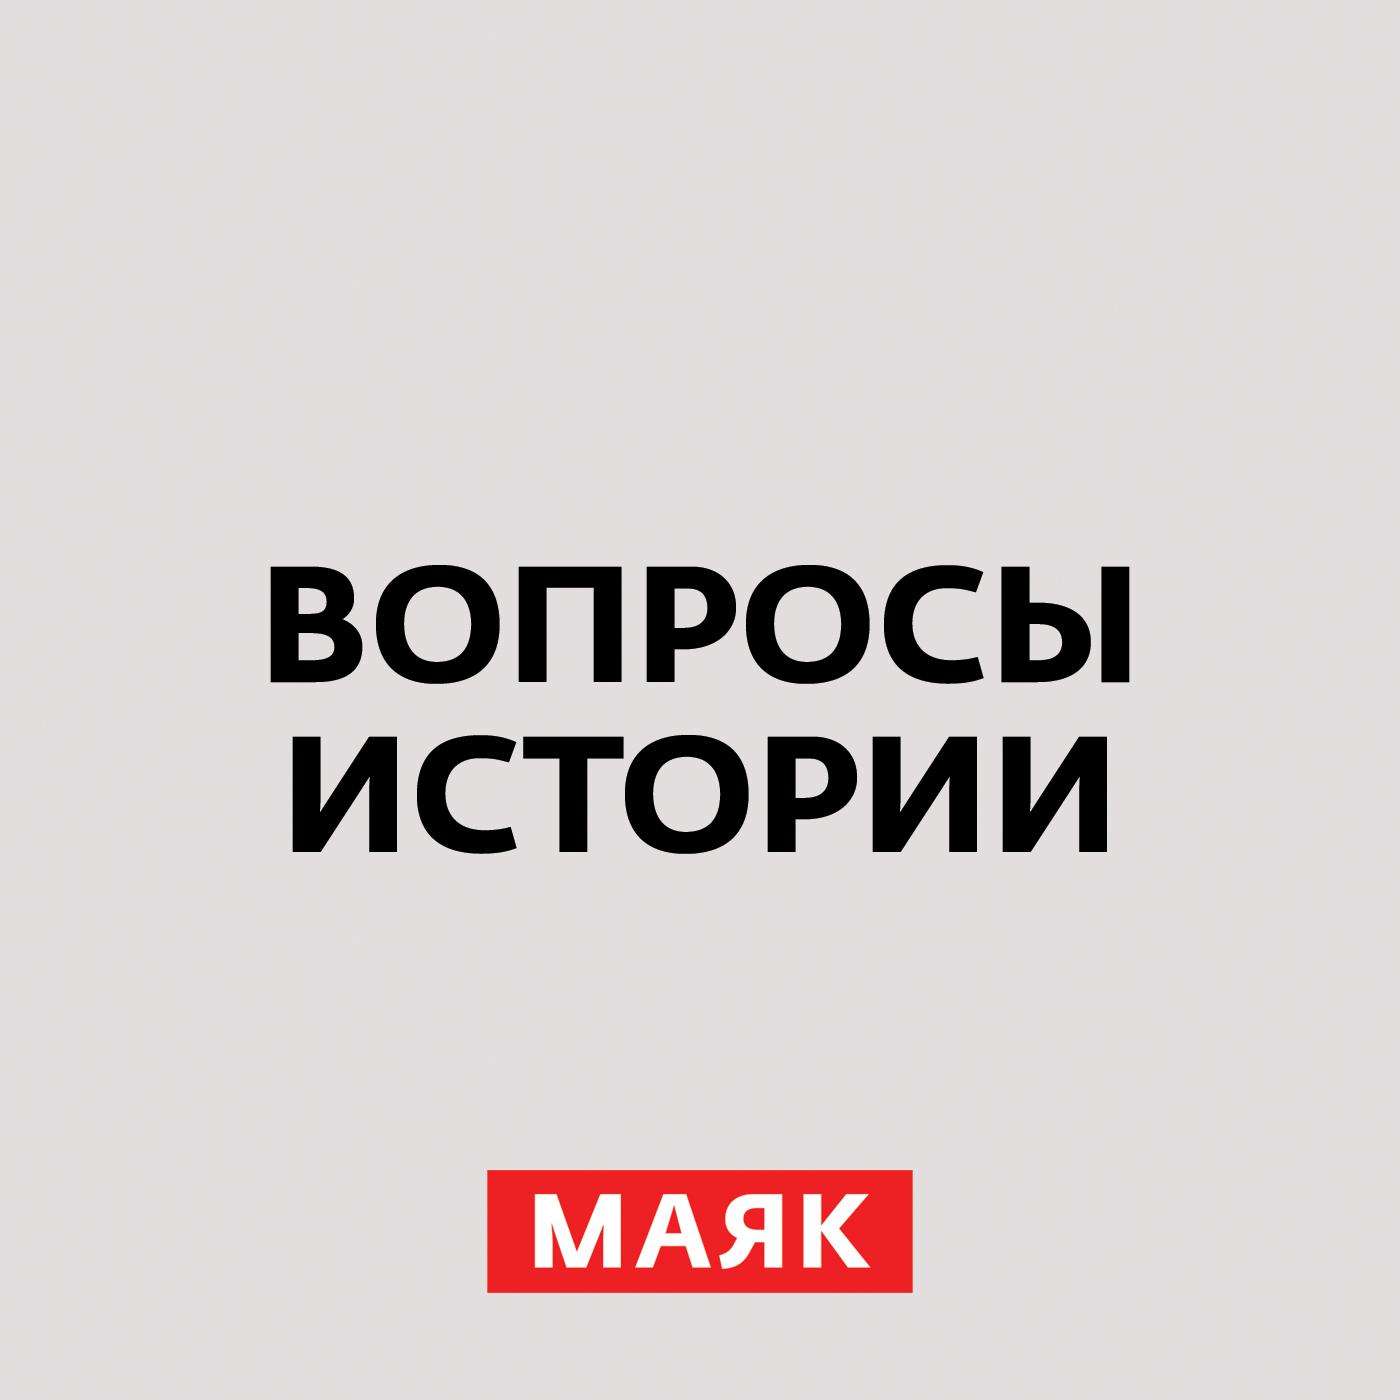 Андрей Светенко Четыре Думы Российской империи. Часть 1 андрей светенко четыре думы российской империи часть 3